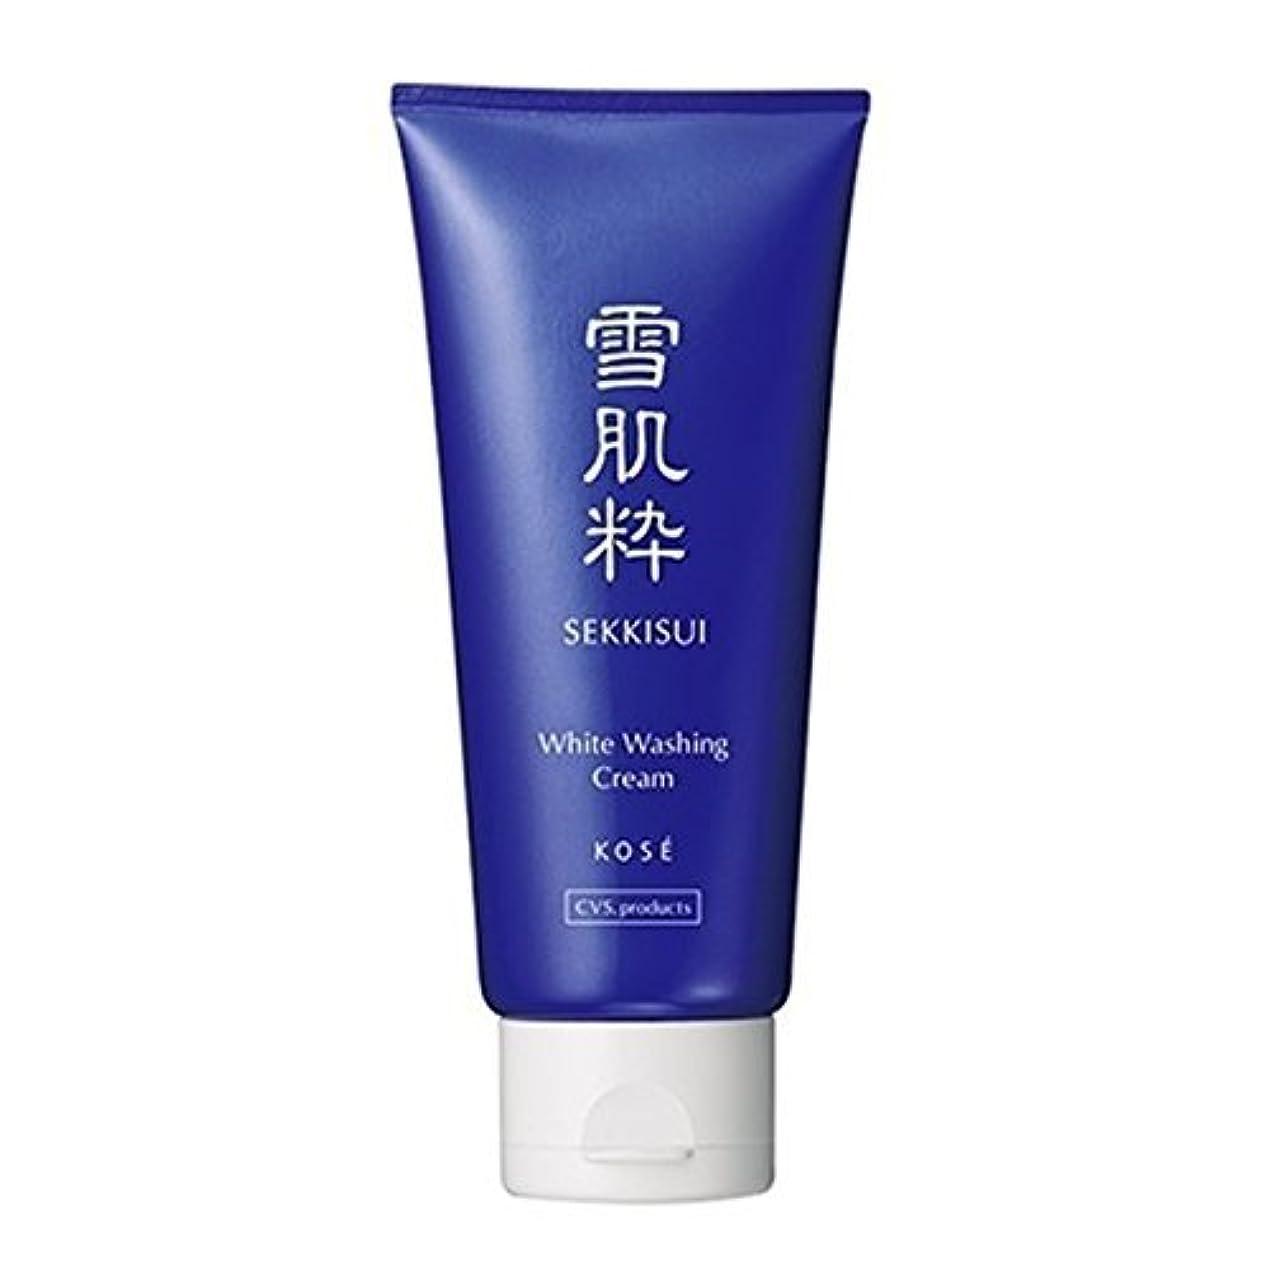 胆嚢シャンパン後コーセー 雪肌粋 ホワイト洗顔クリーム Kose Sekkisui White Washing Cream 80g×3本